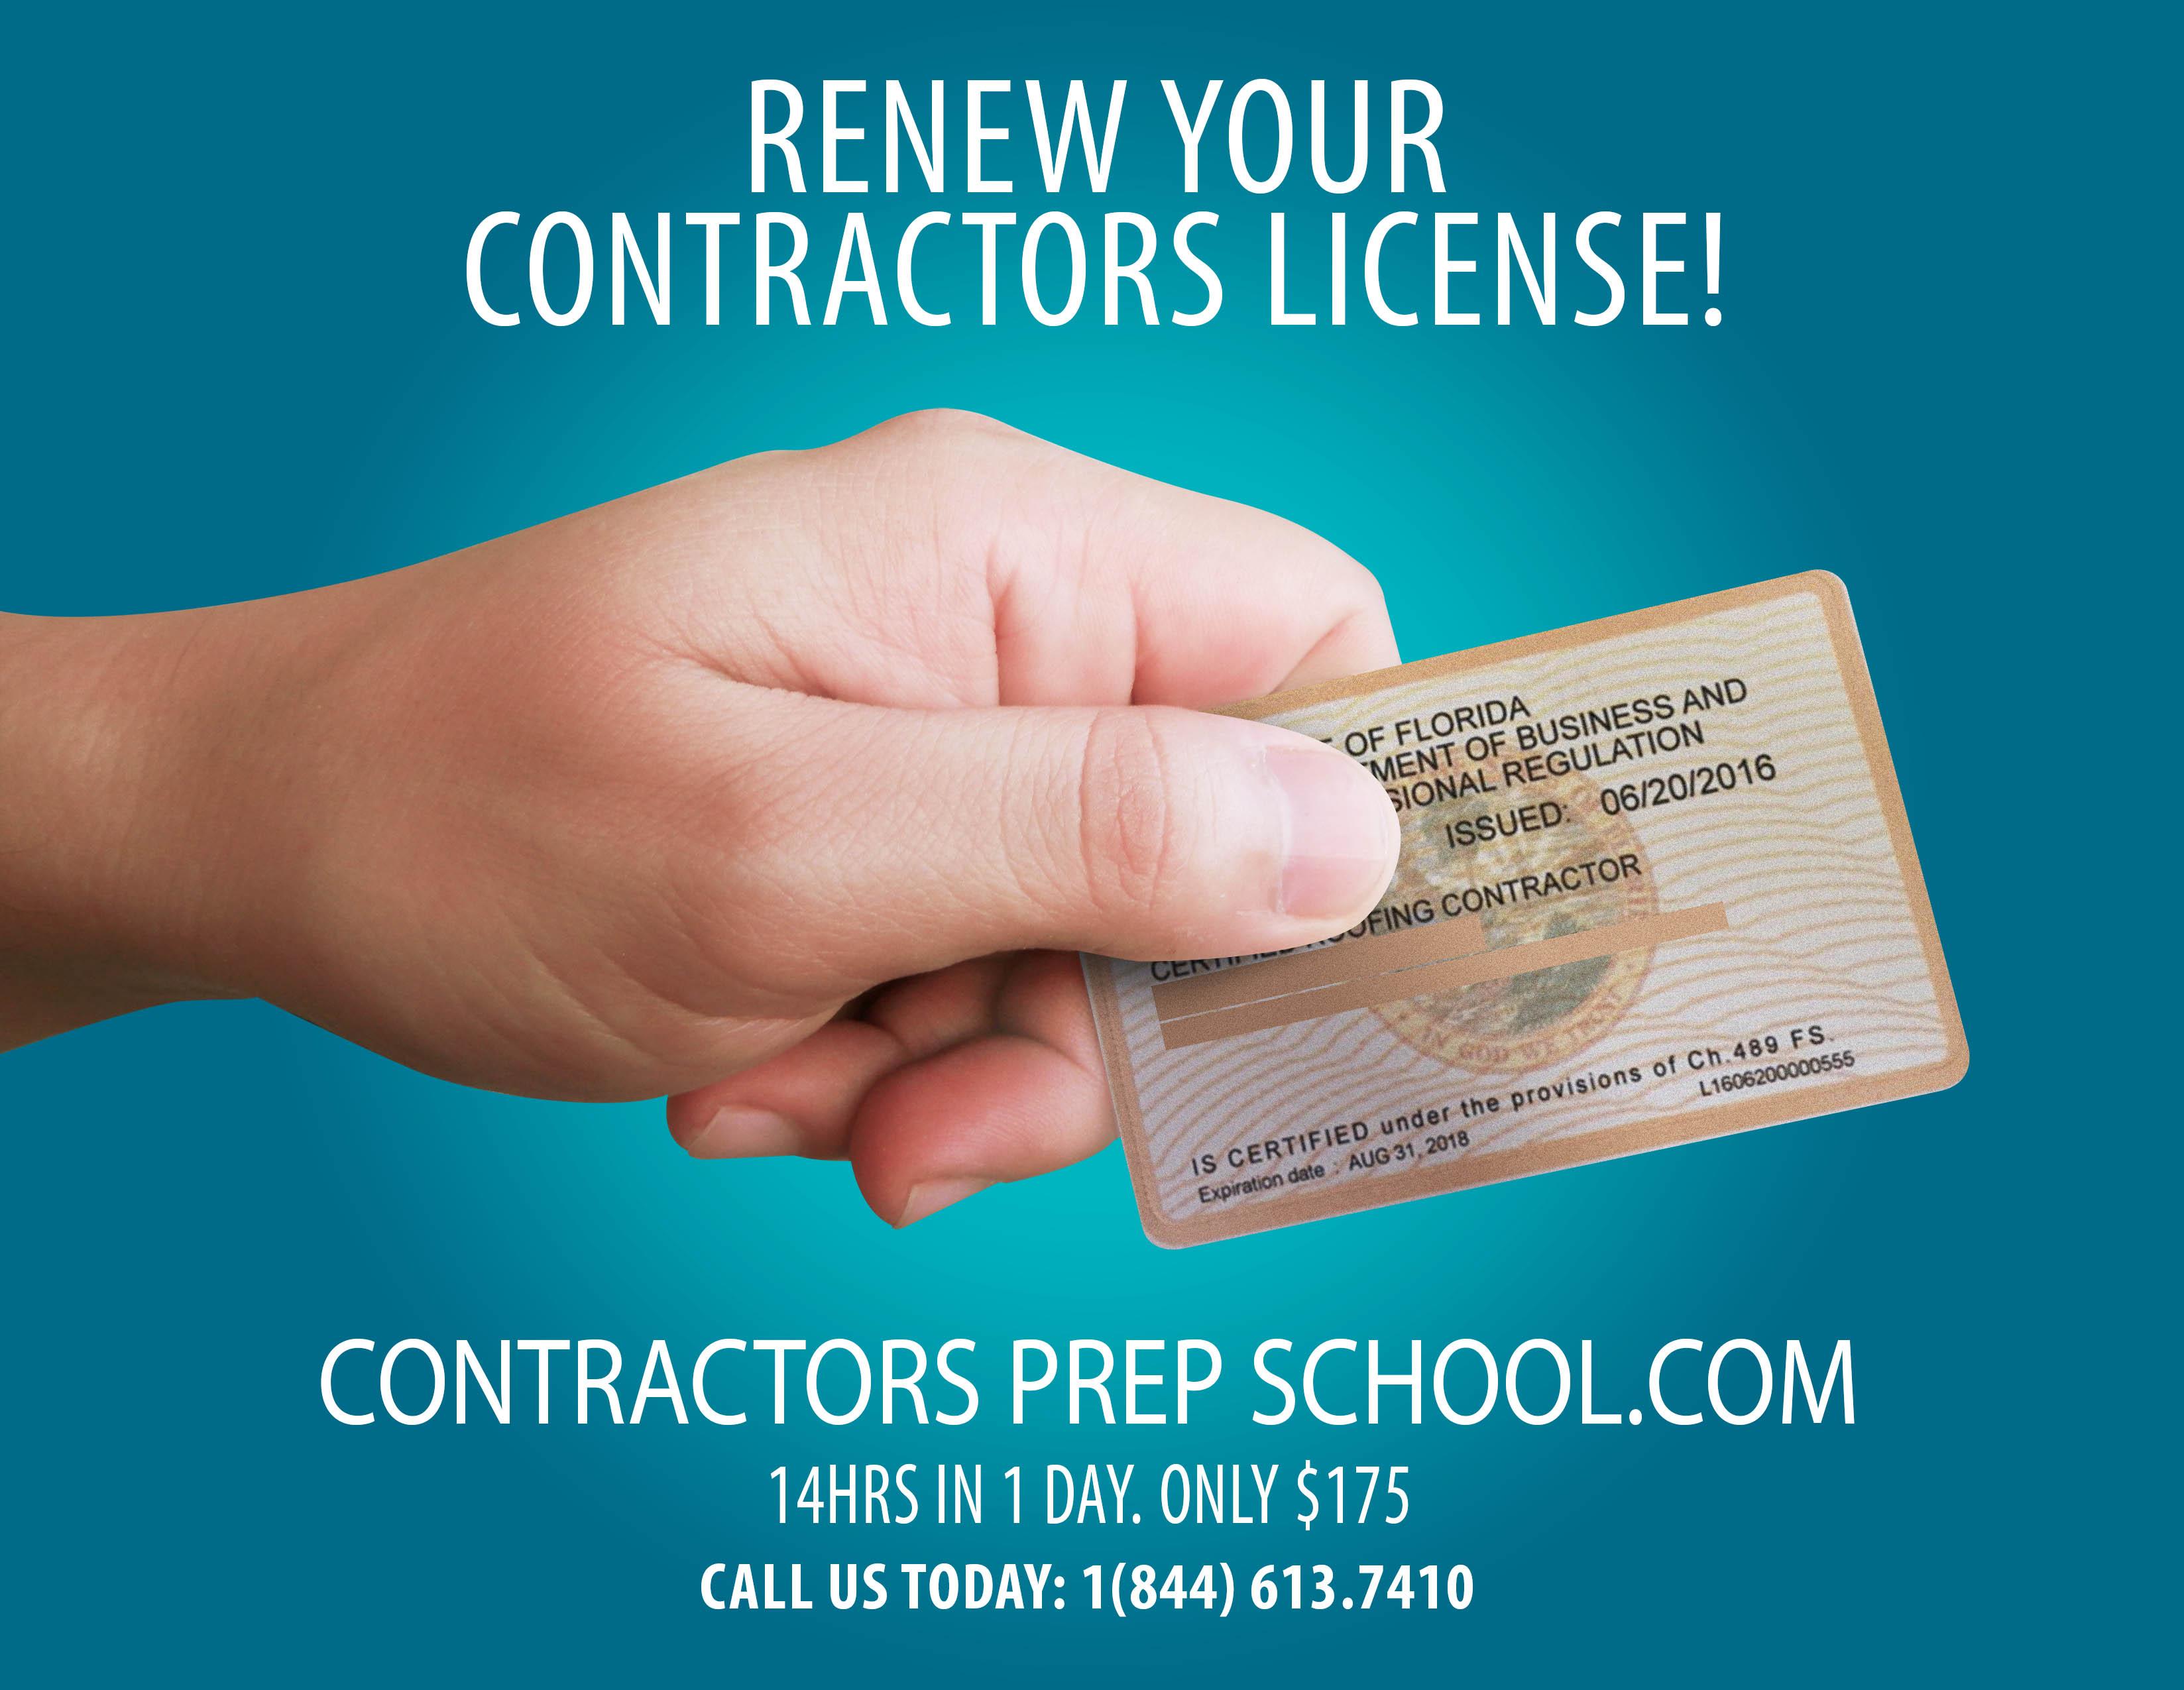 Contractors Prep School - Florida Contractor Licensing